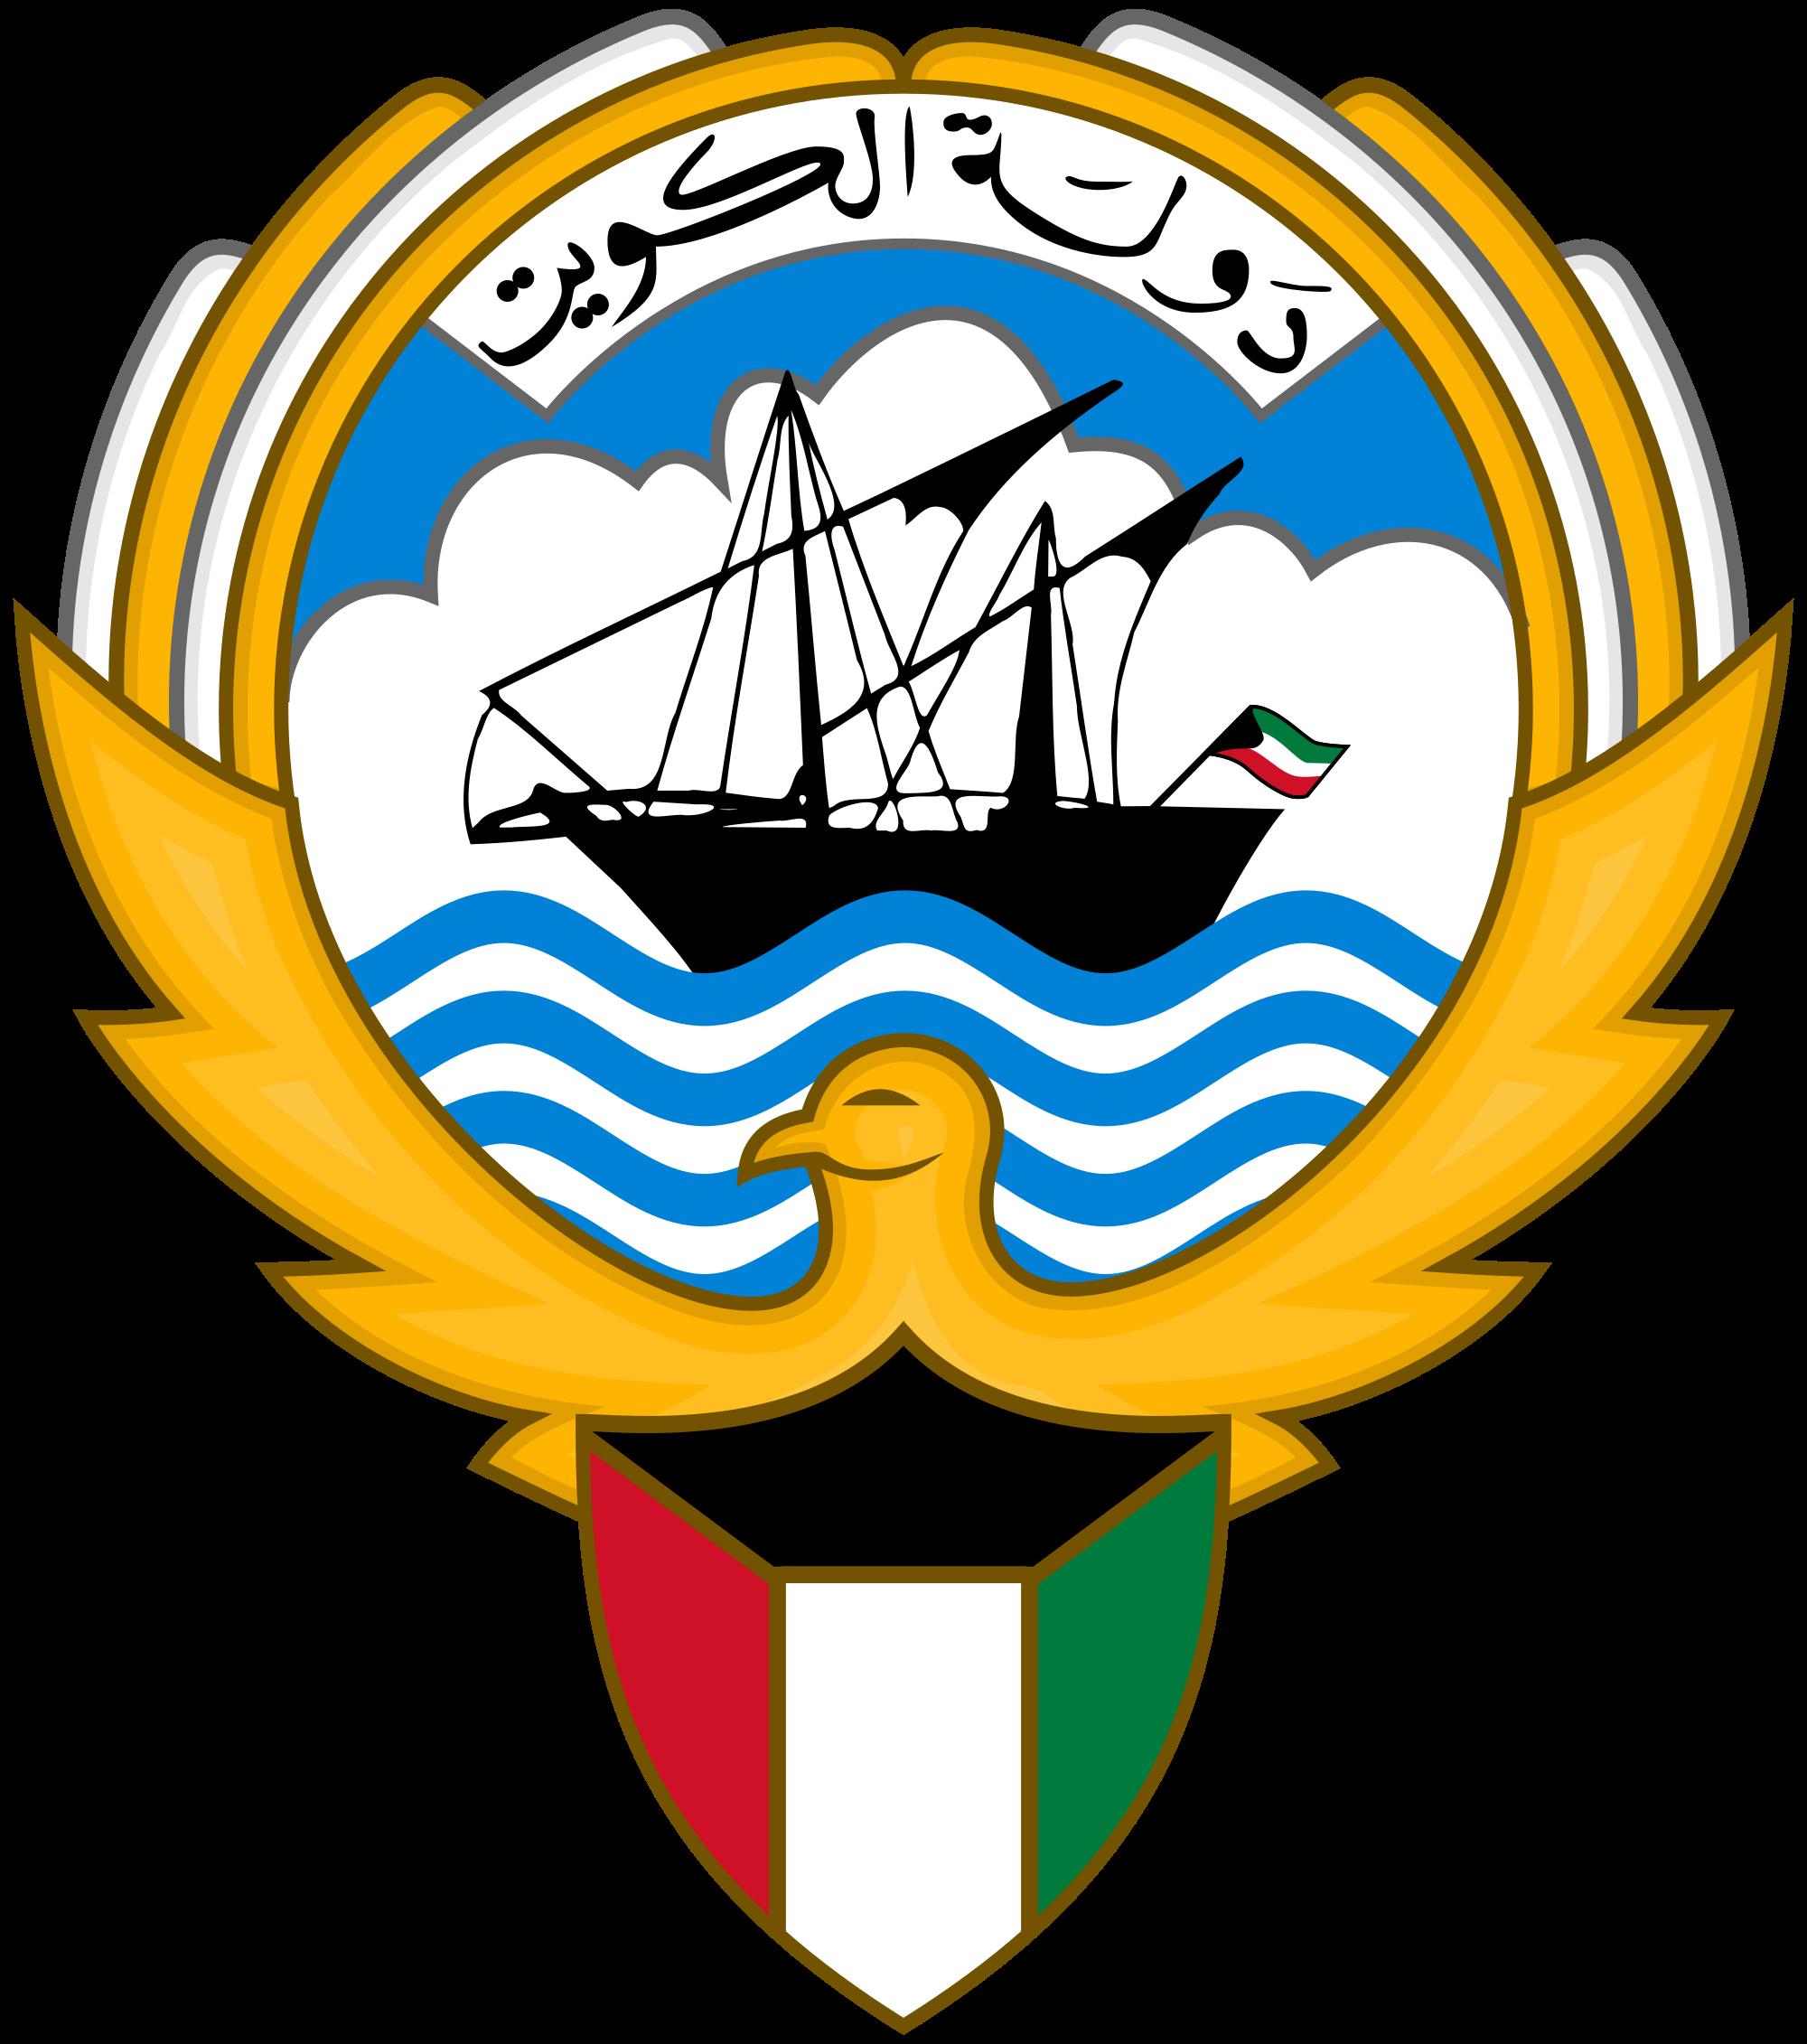 【BCLワンダラー】今月のターゲット局:Radio Kuwait(クウェート)